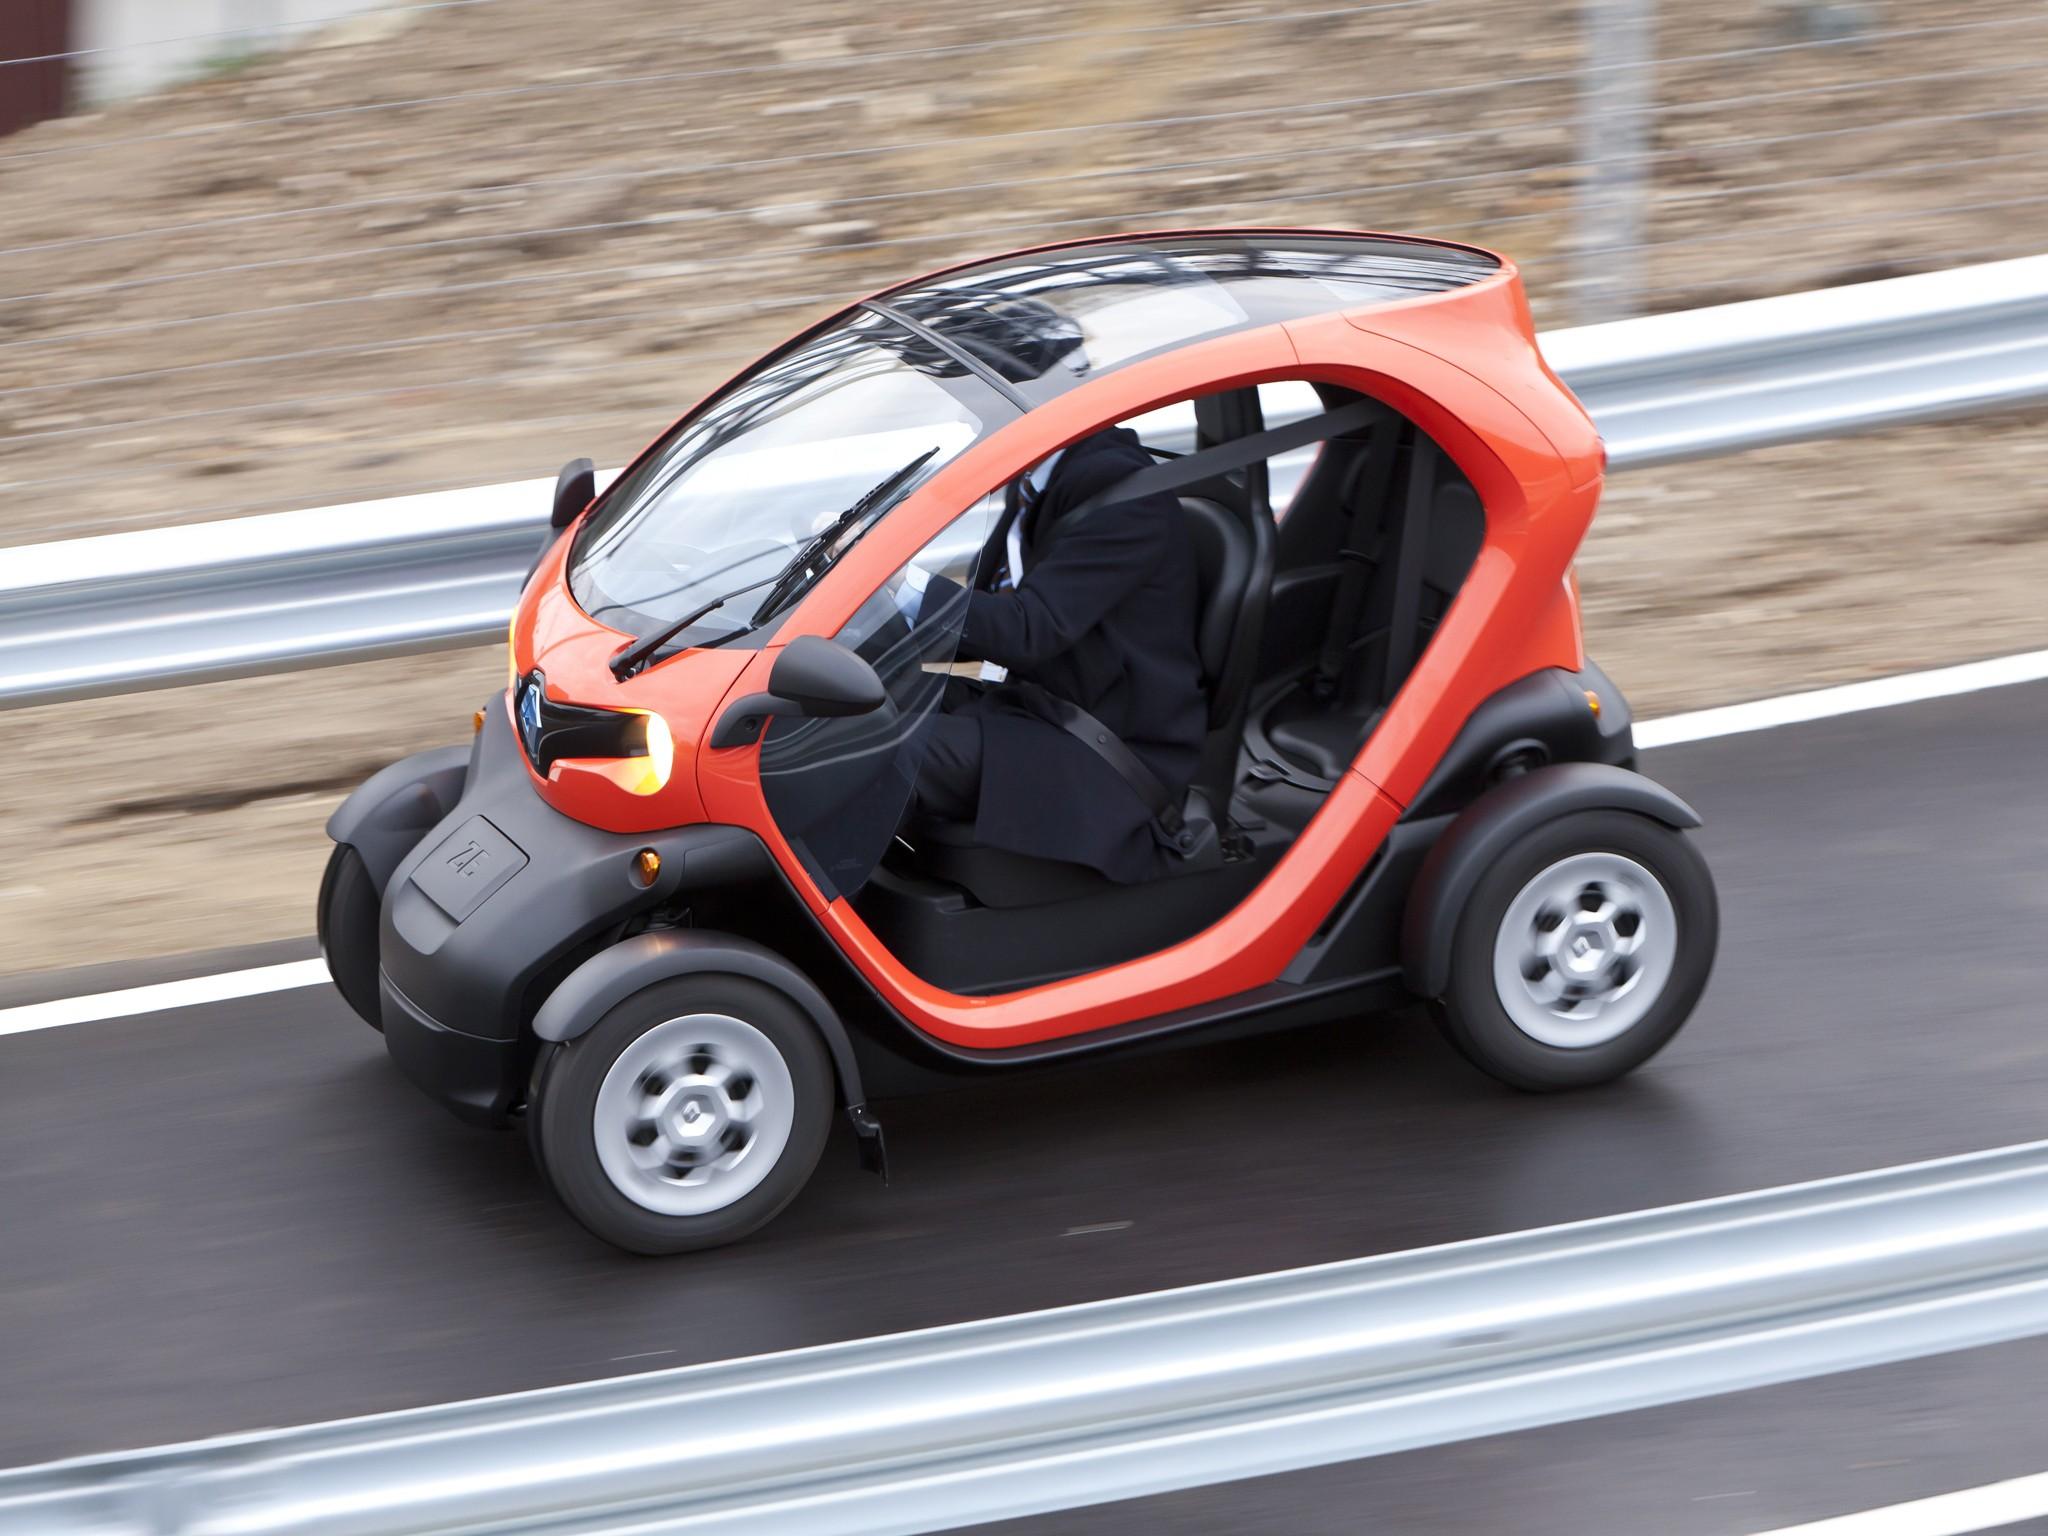 Renault twizy specs